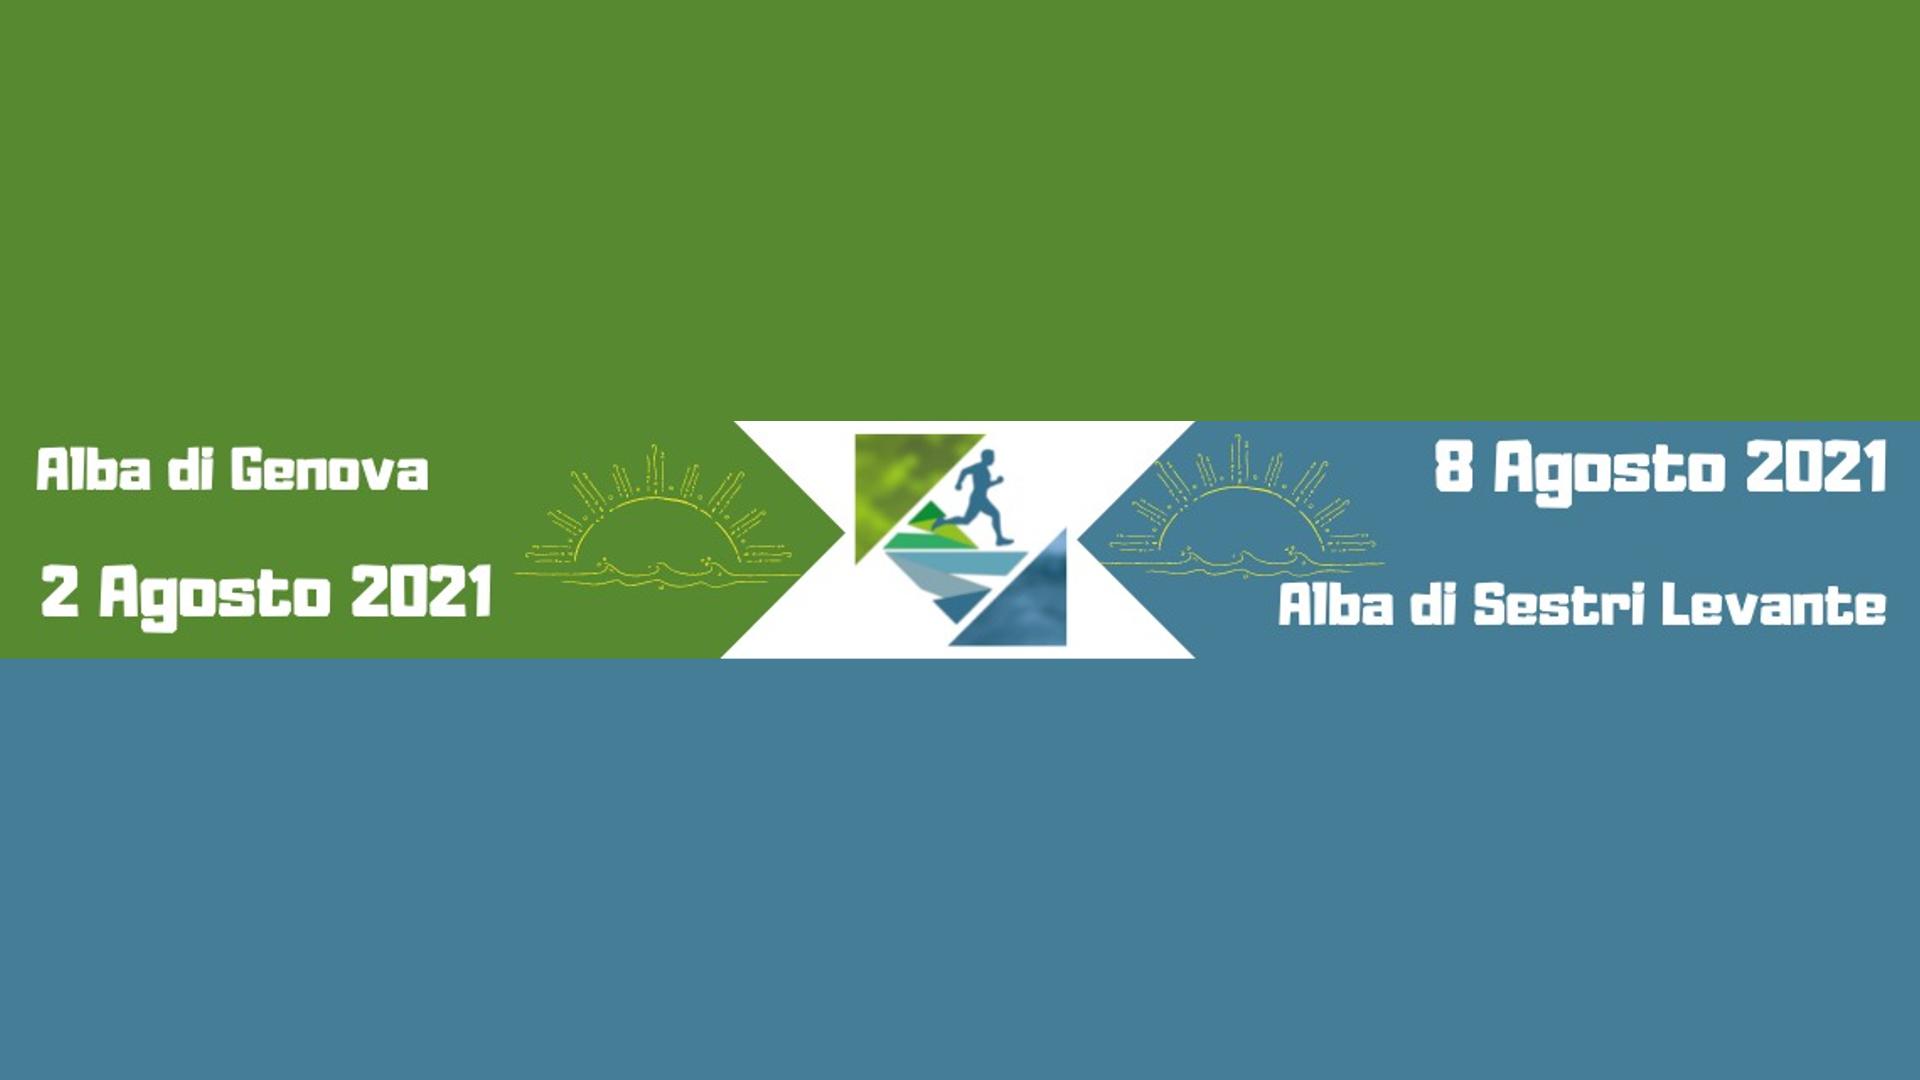 Tutto pronto per l'Alba di Genova e Sestri Levante!